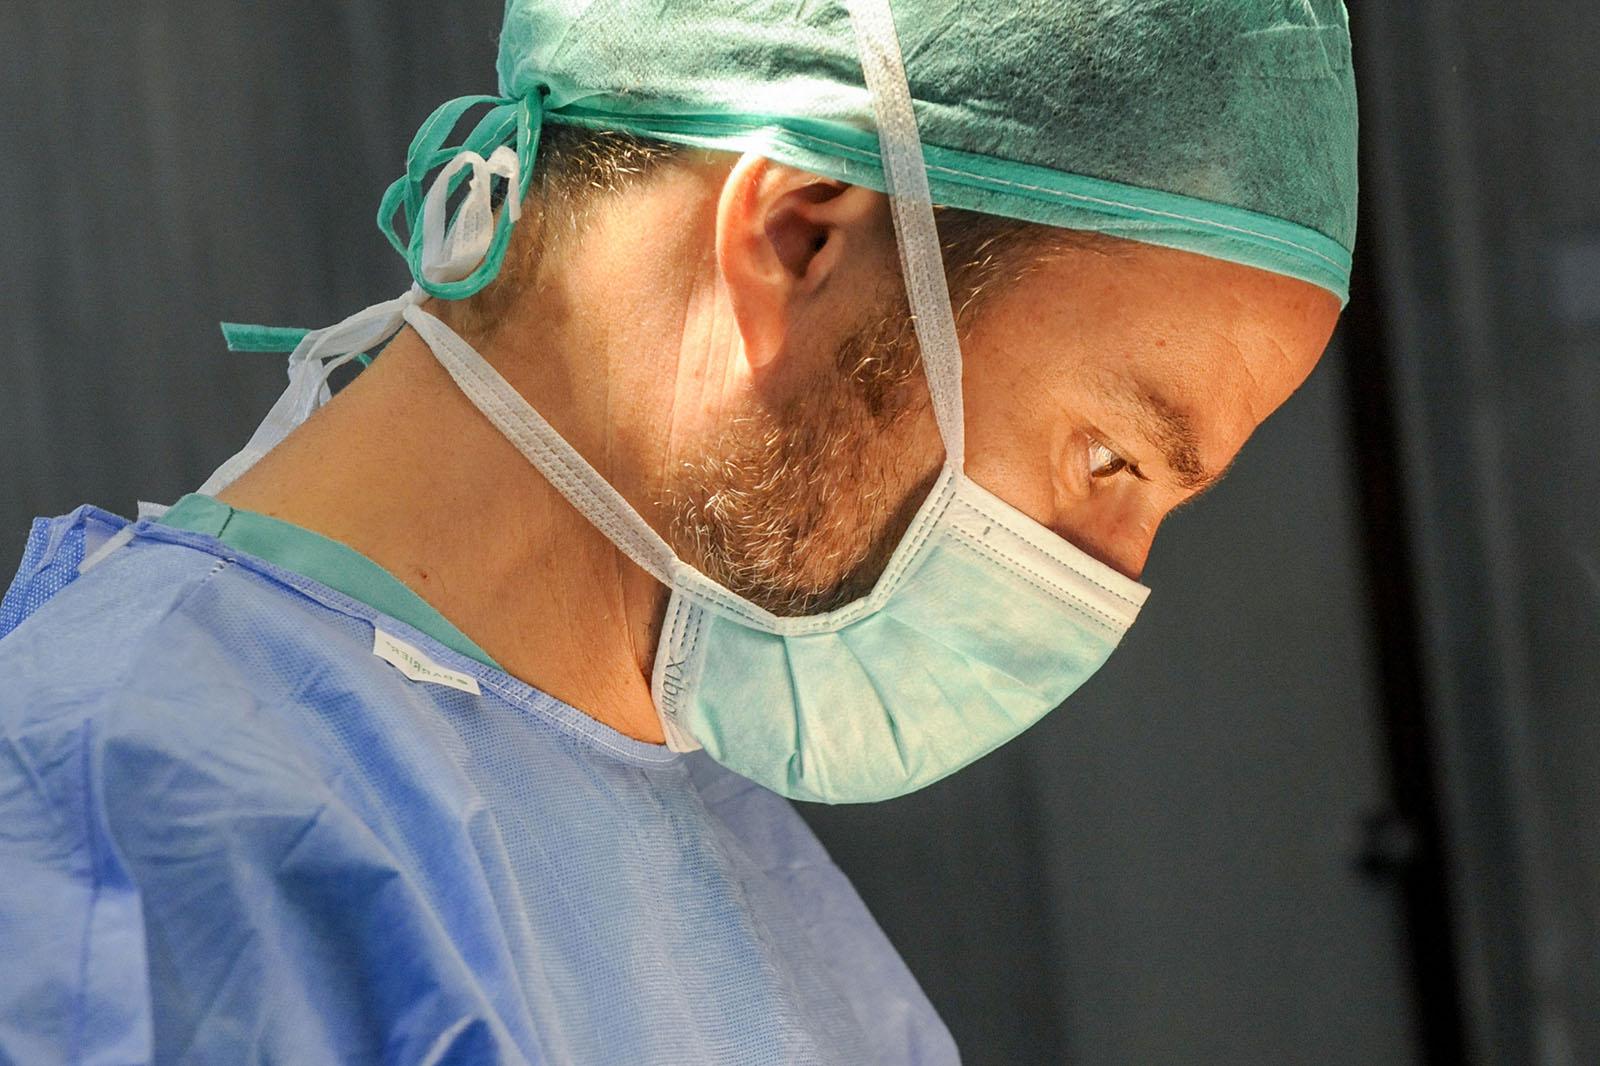 Diástasis-de-Rectos-Clínica-Rotger-Hospital-Mallorca